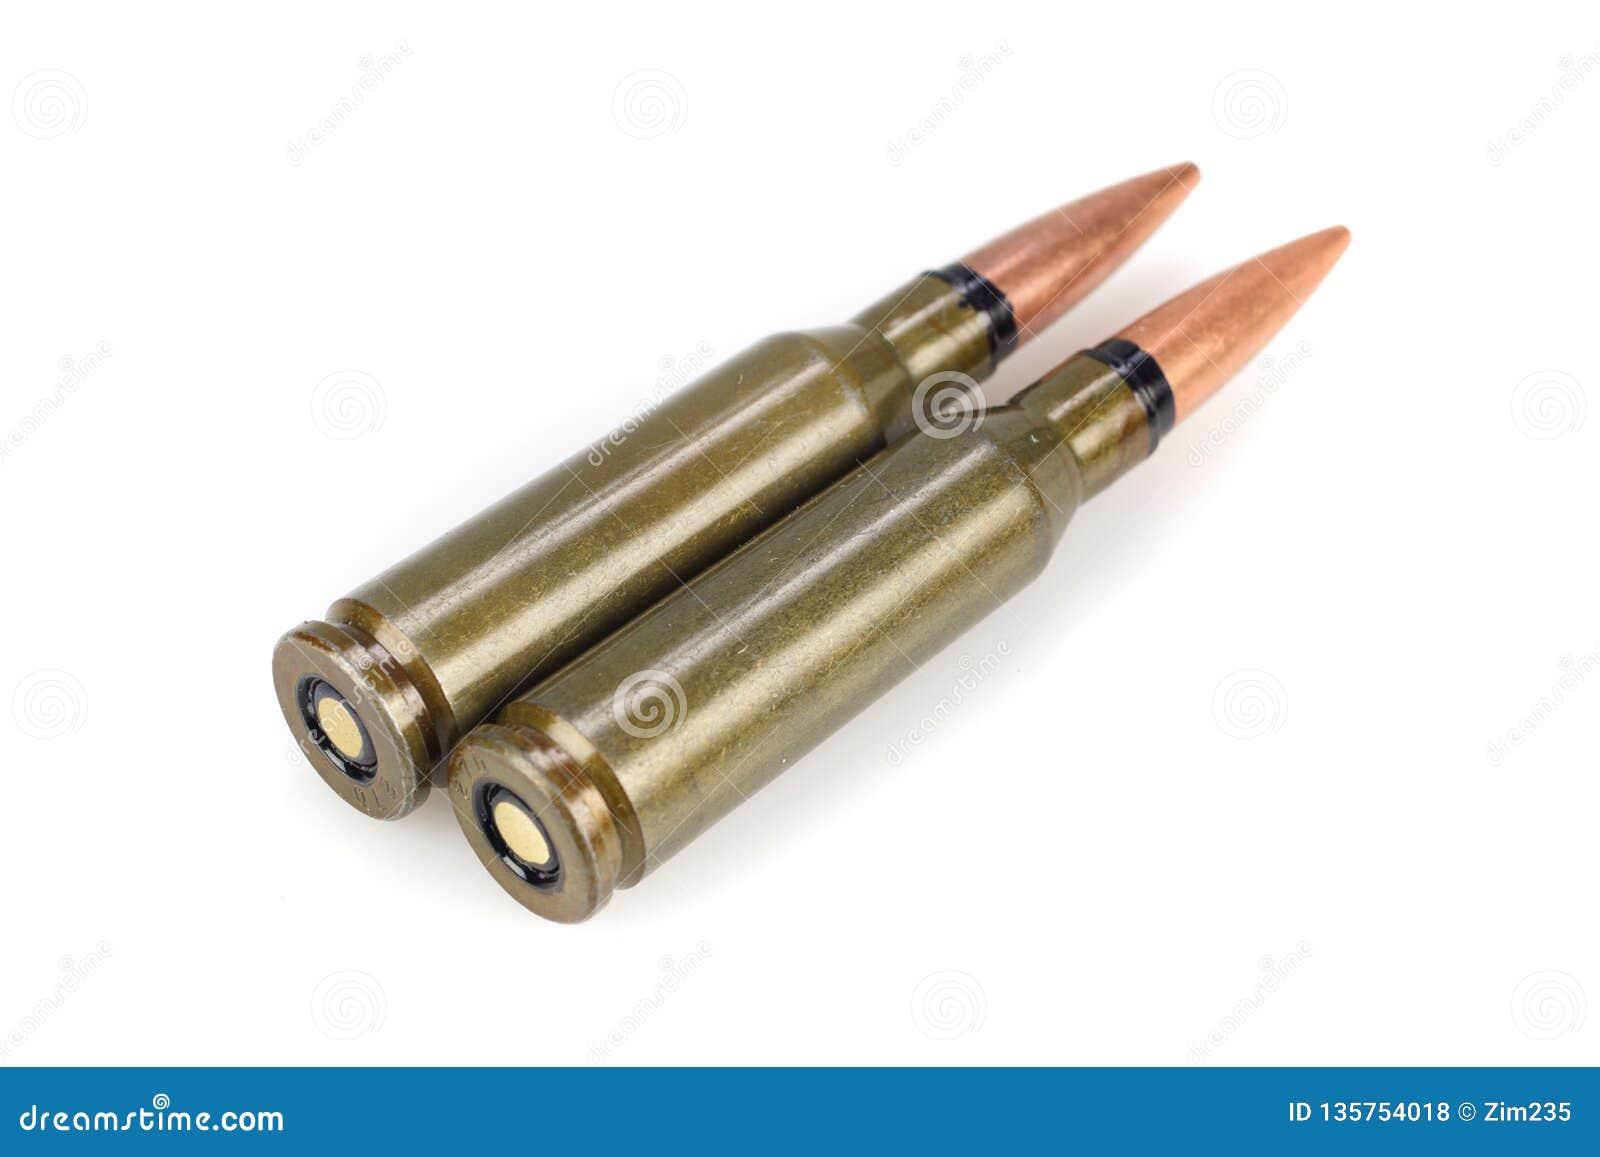 卡拉什尼科夫5 45 mm弹药筒